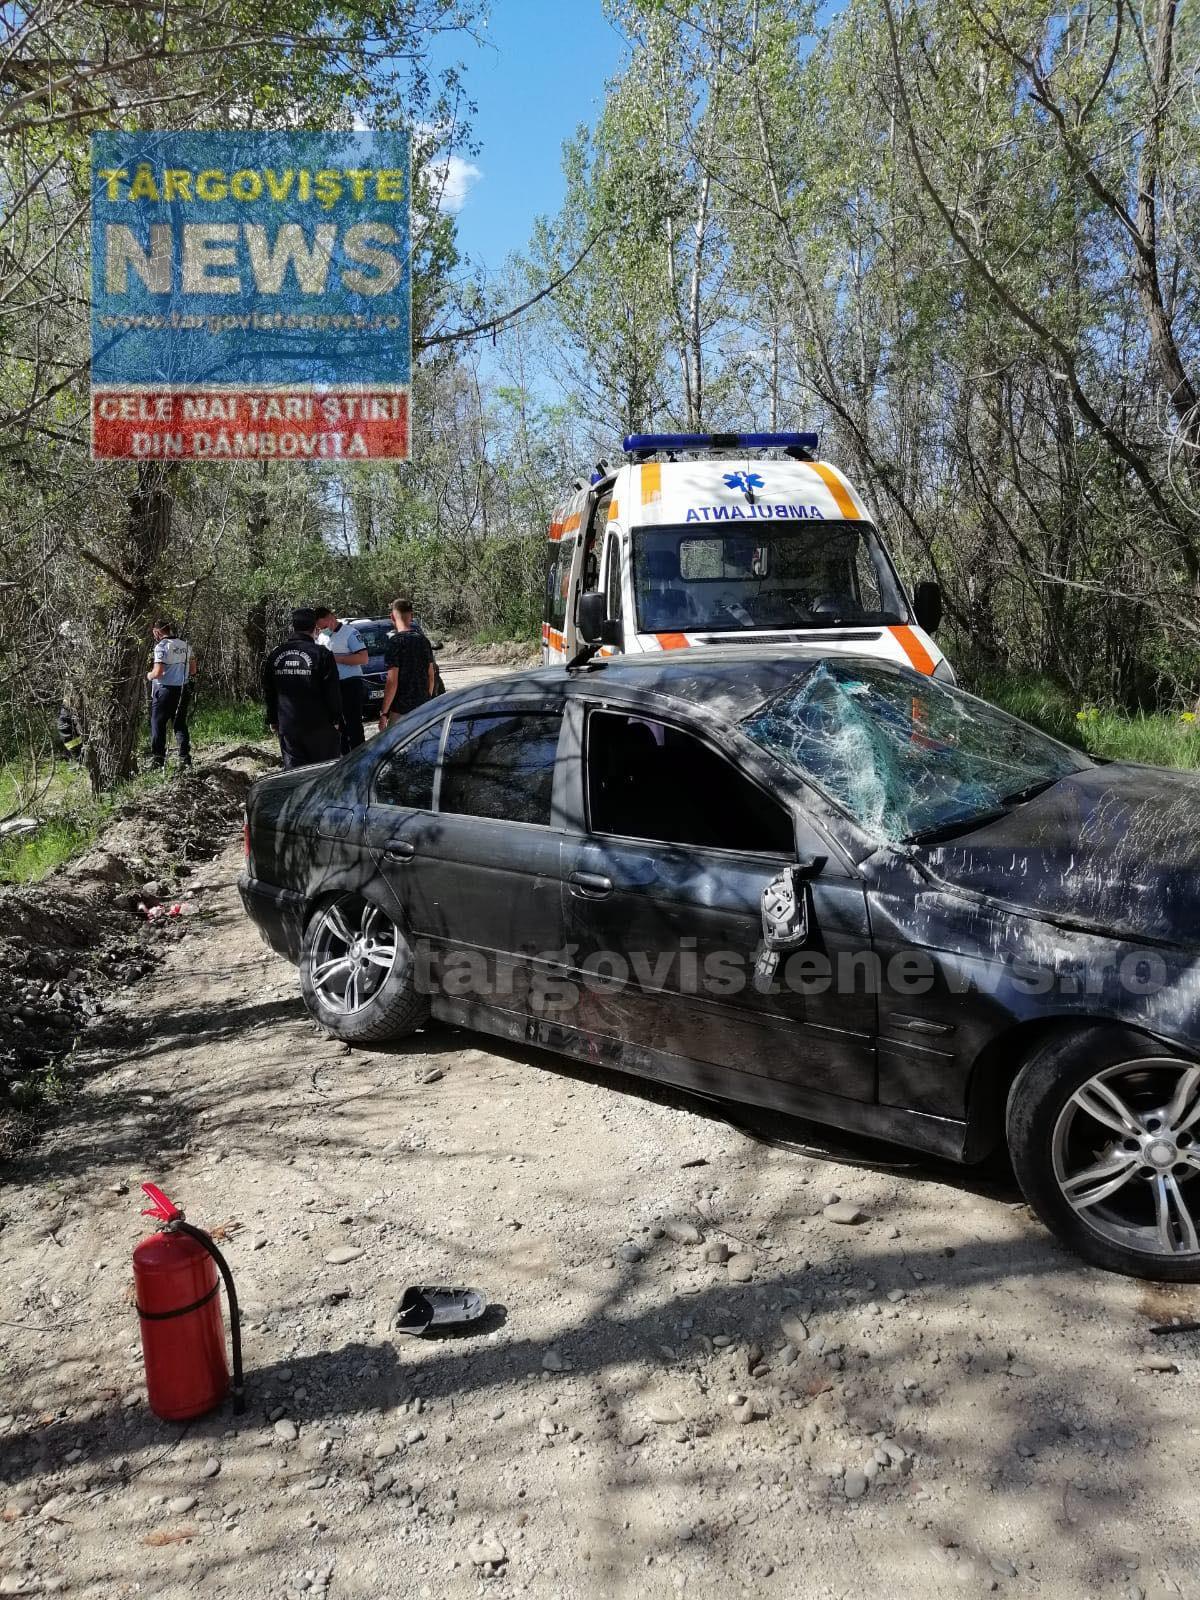 Un şofer s-a răsturnat cu maşina în pădurea de la Geangoeşti